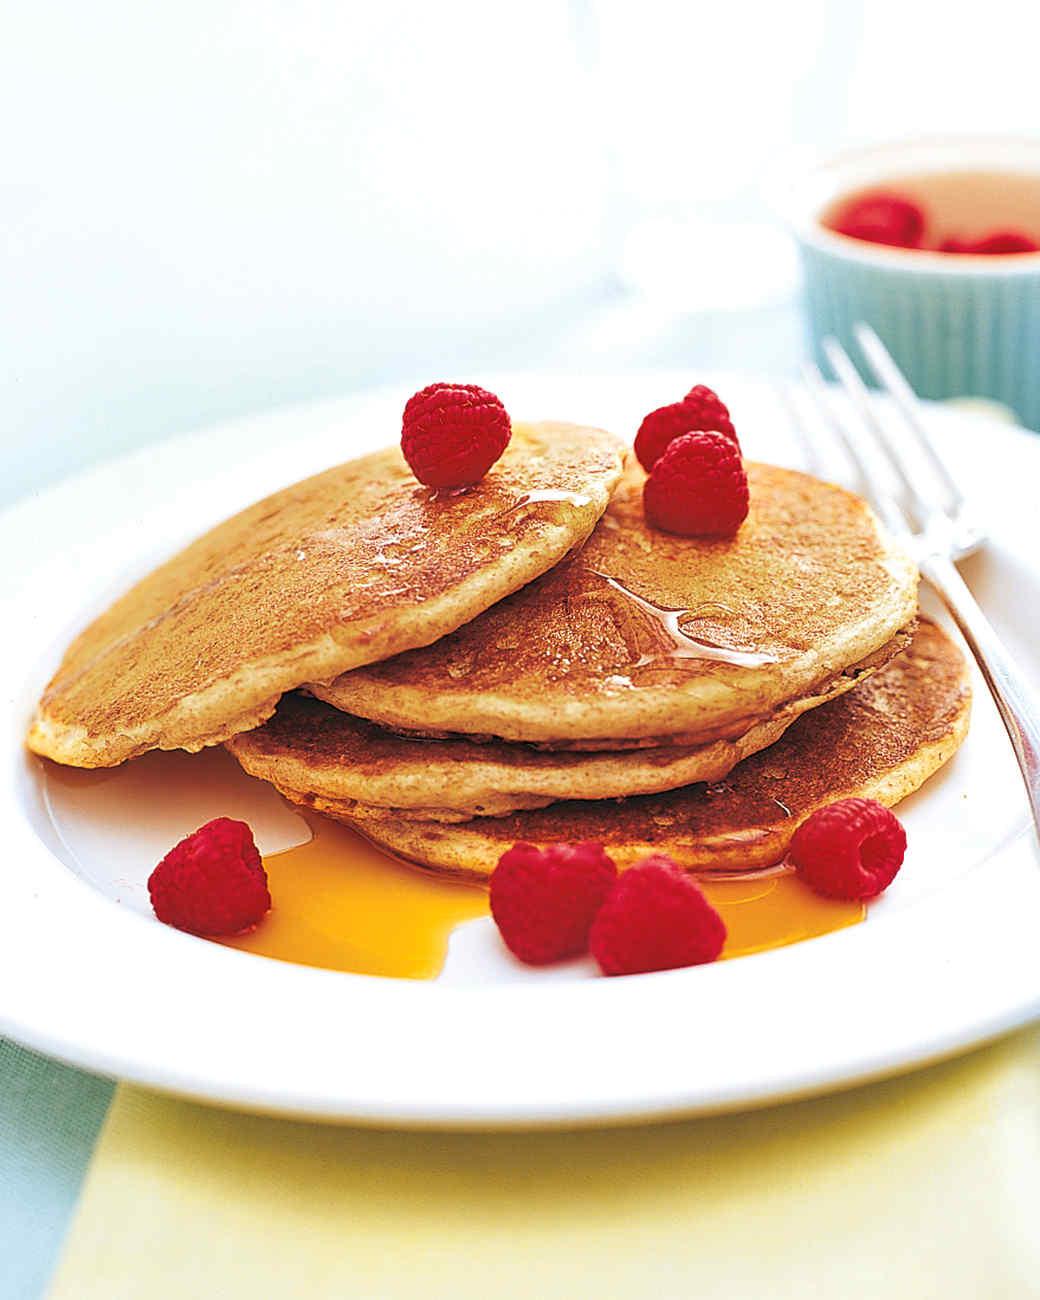 a100597_0304_pancakes.jpg